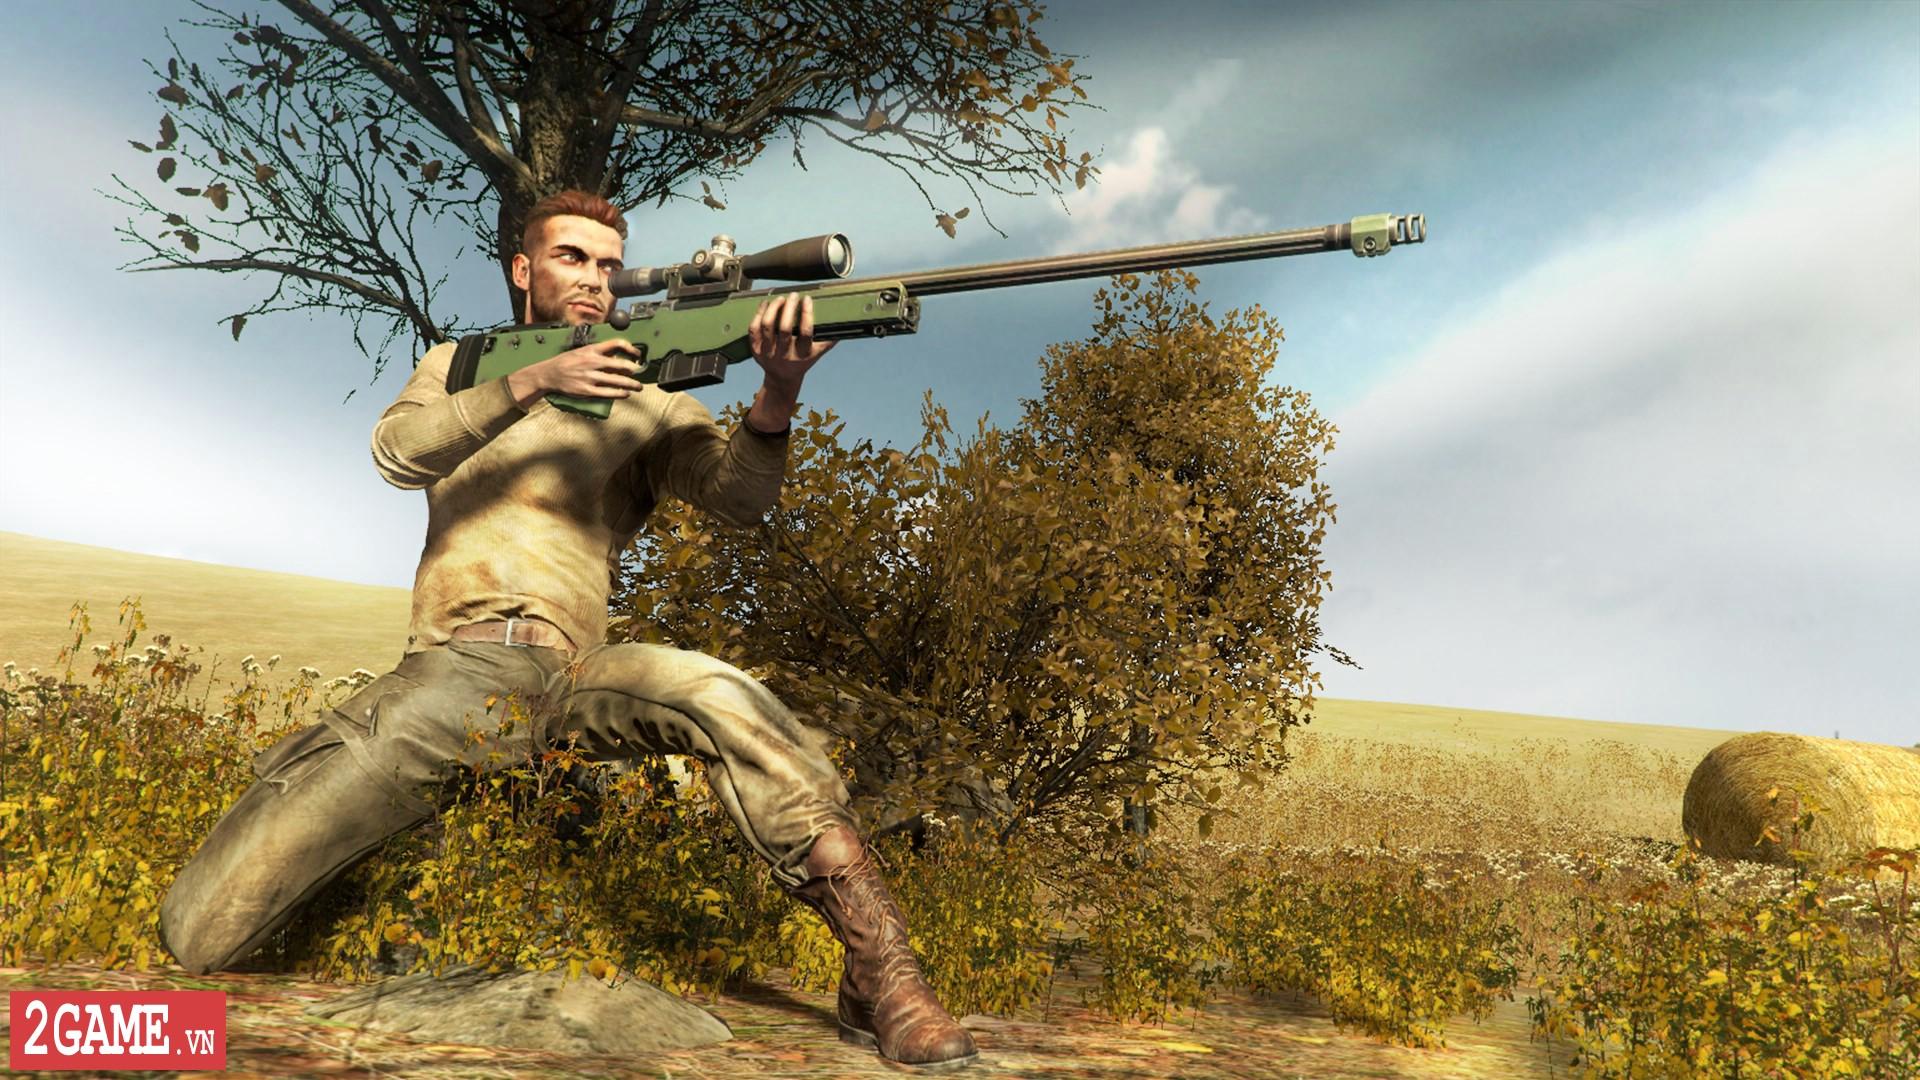 Tổng quan về lối chơi sinh tử của Bullet Strike: Battlegrounds 4